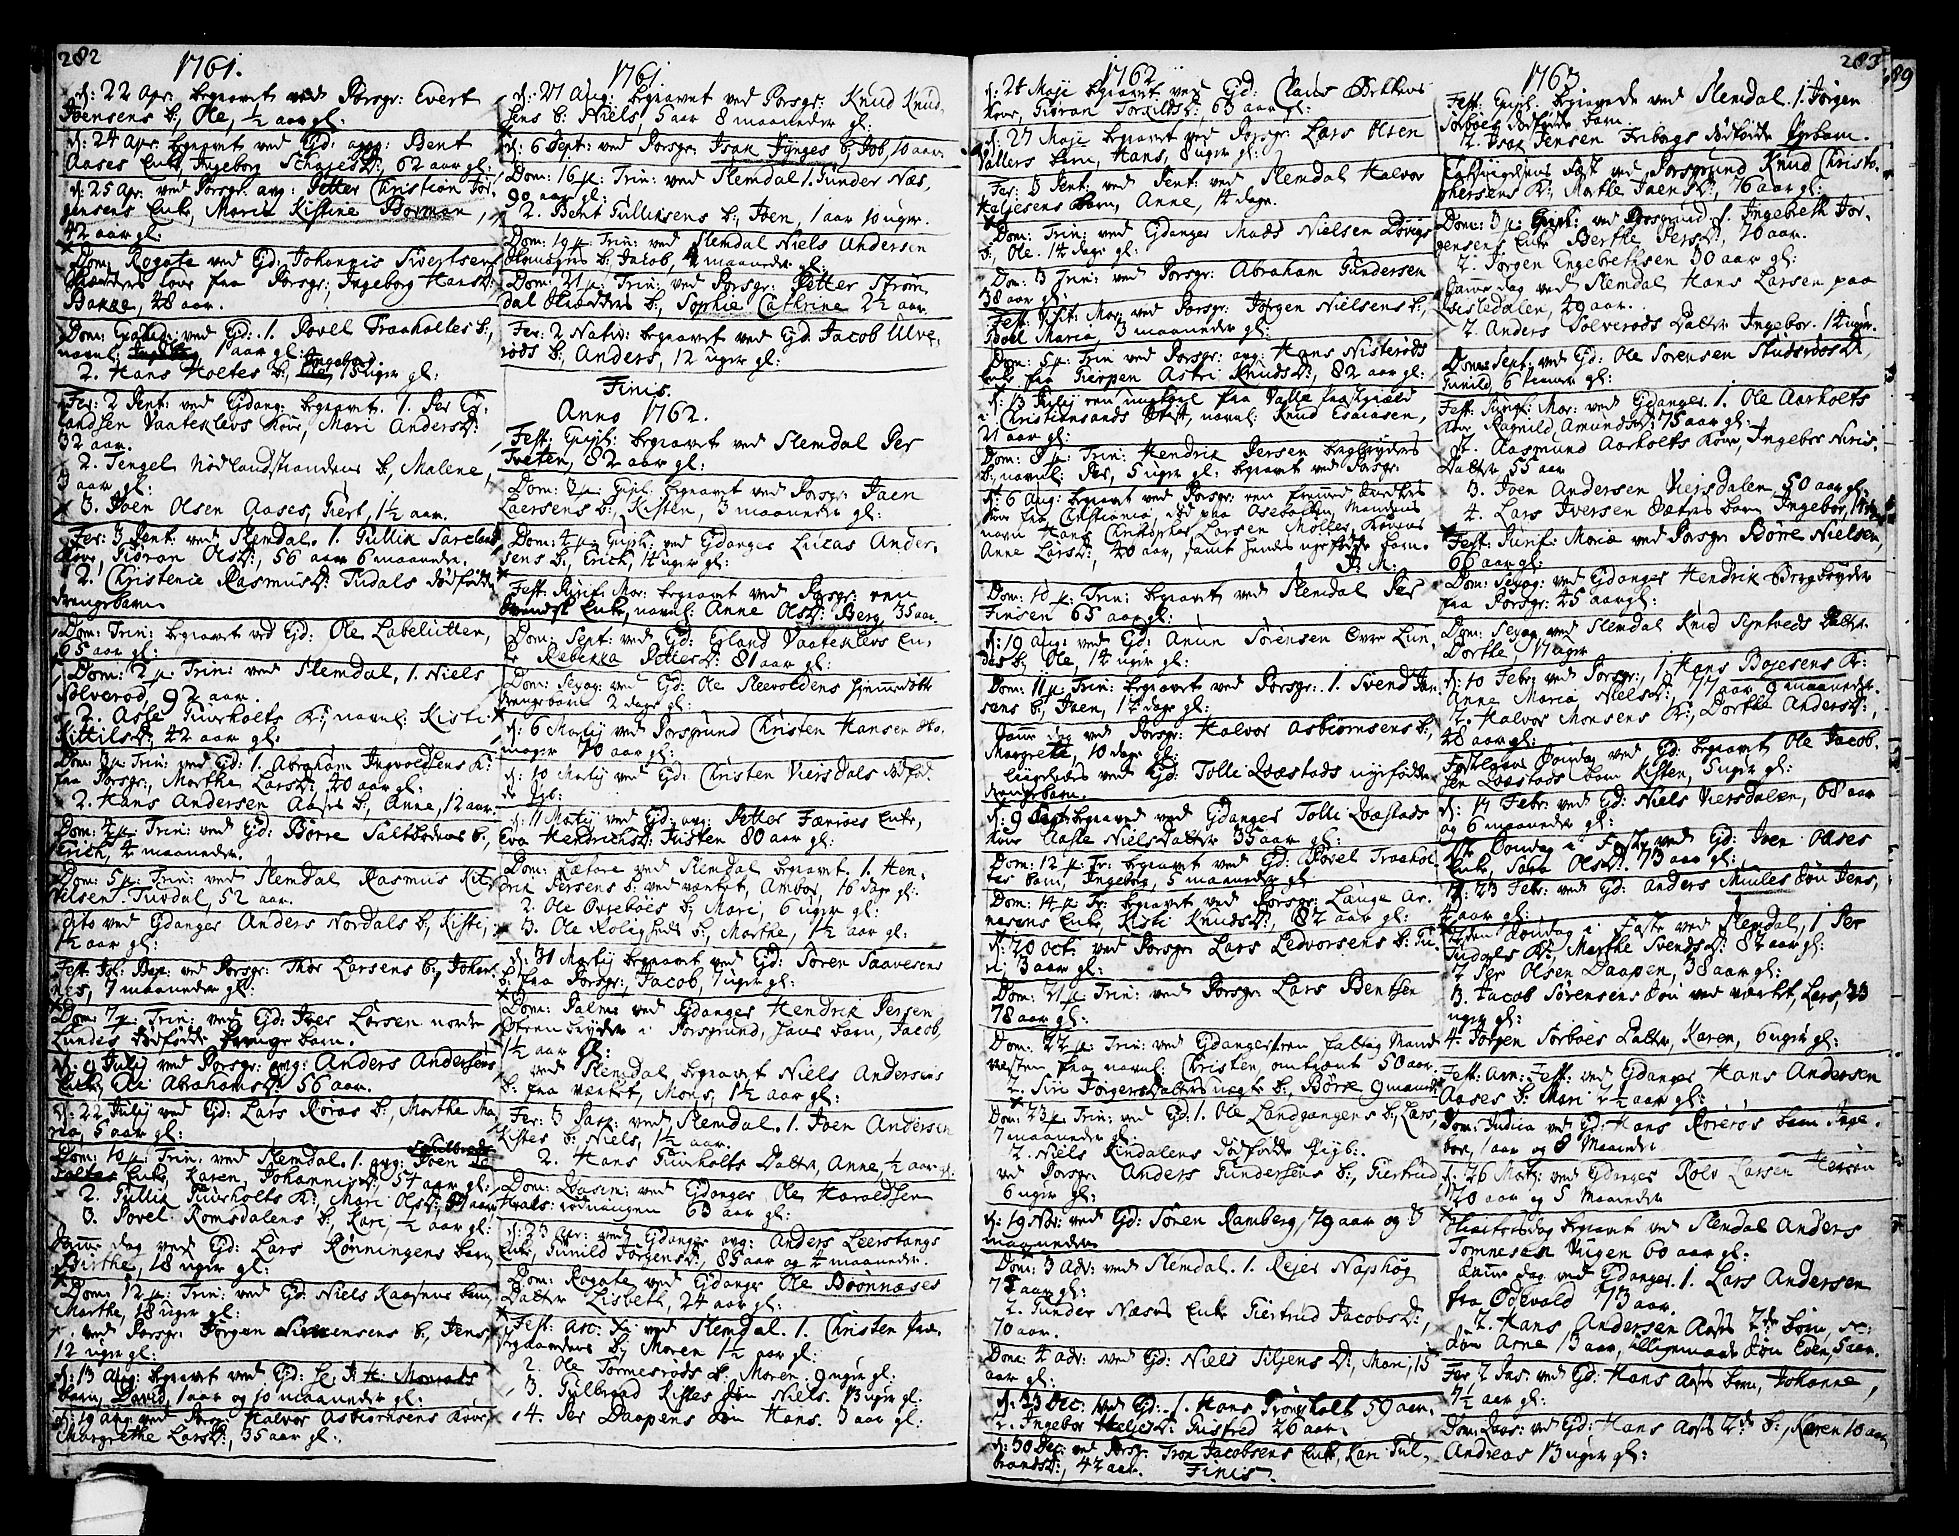 SAKO, Eidanger kirkebøker, F/Fa/L0005: Ministerialbok nr. 5, 1760-1764, s. 282-283